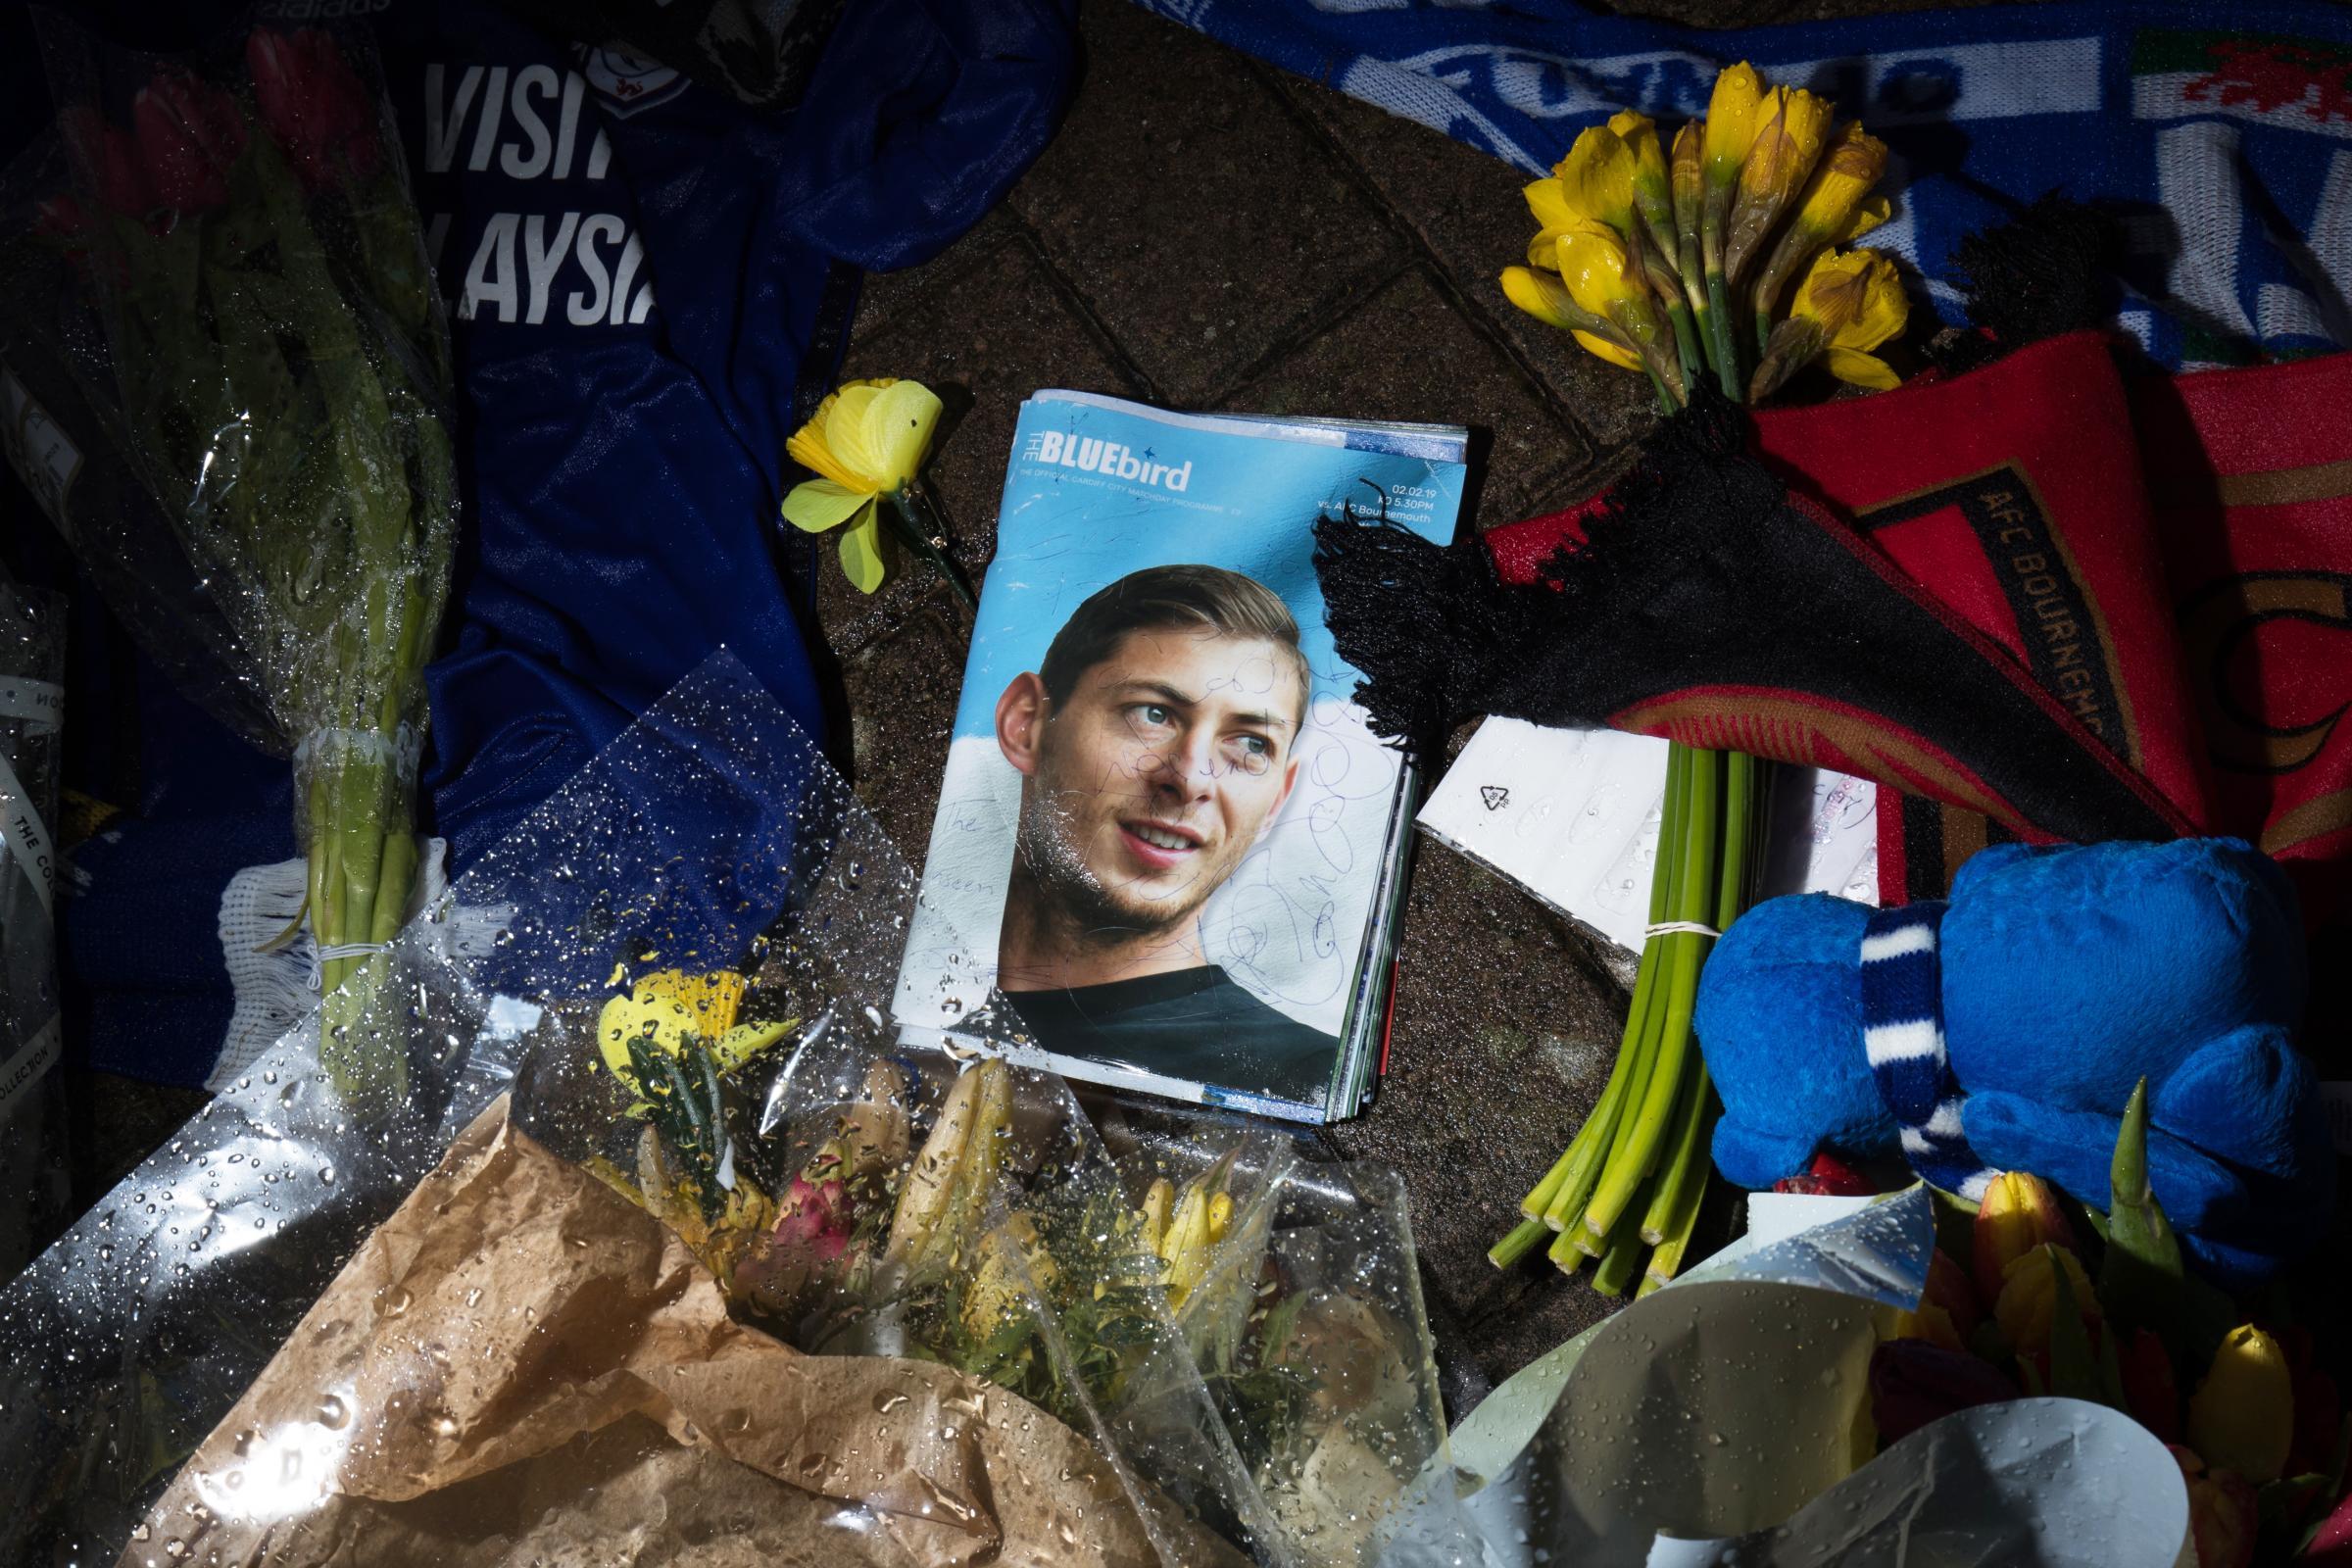 Cardiff City FC's Emiliano Sala death crash: Trial begins